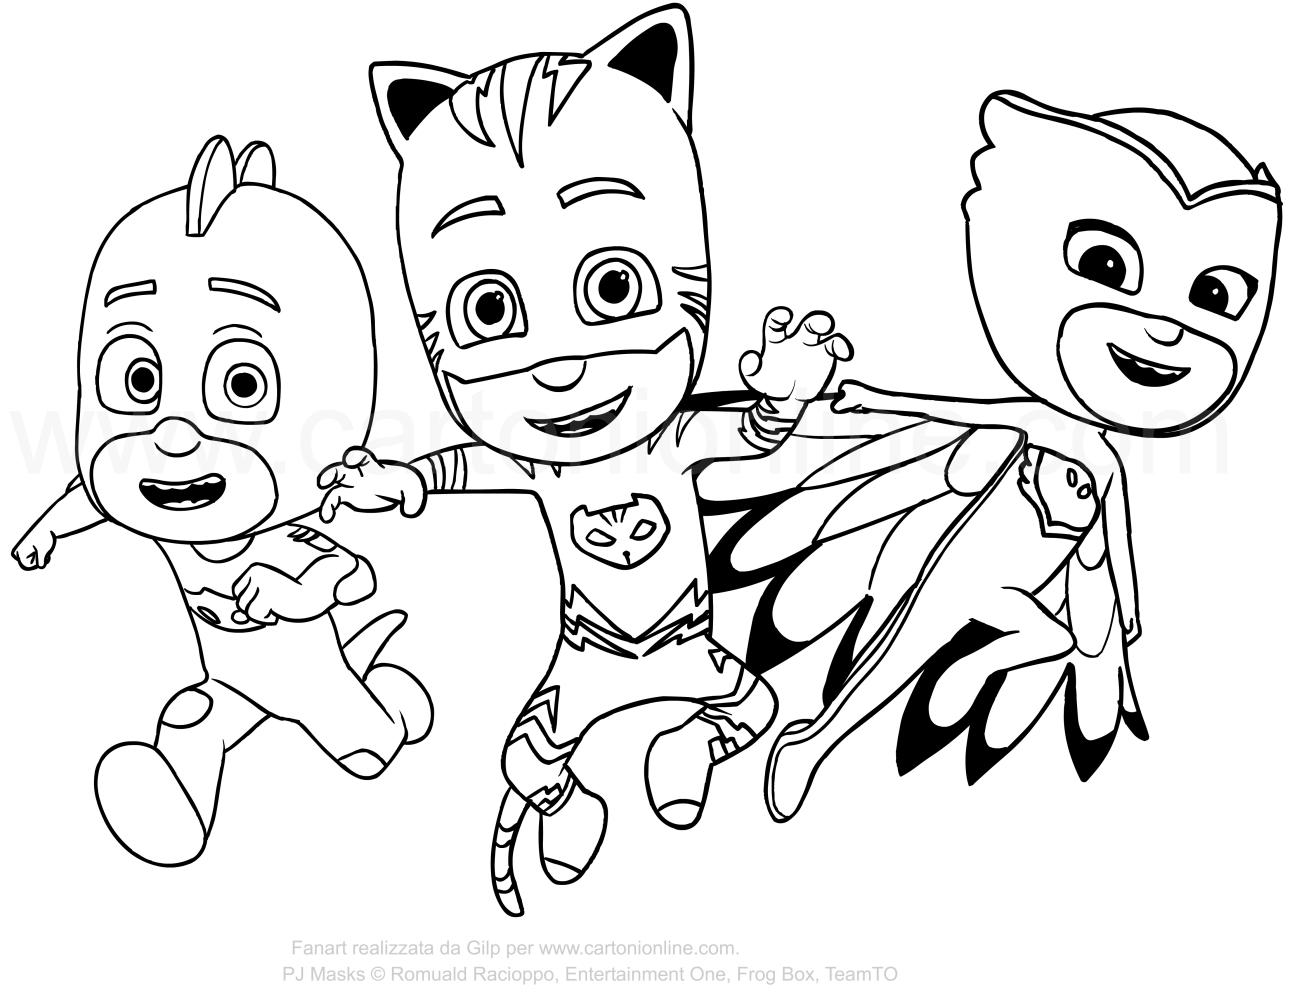 Pj Masks Drawing At GetDrawings